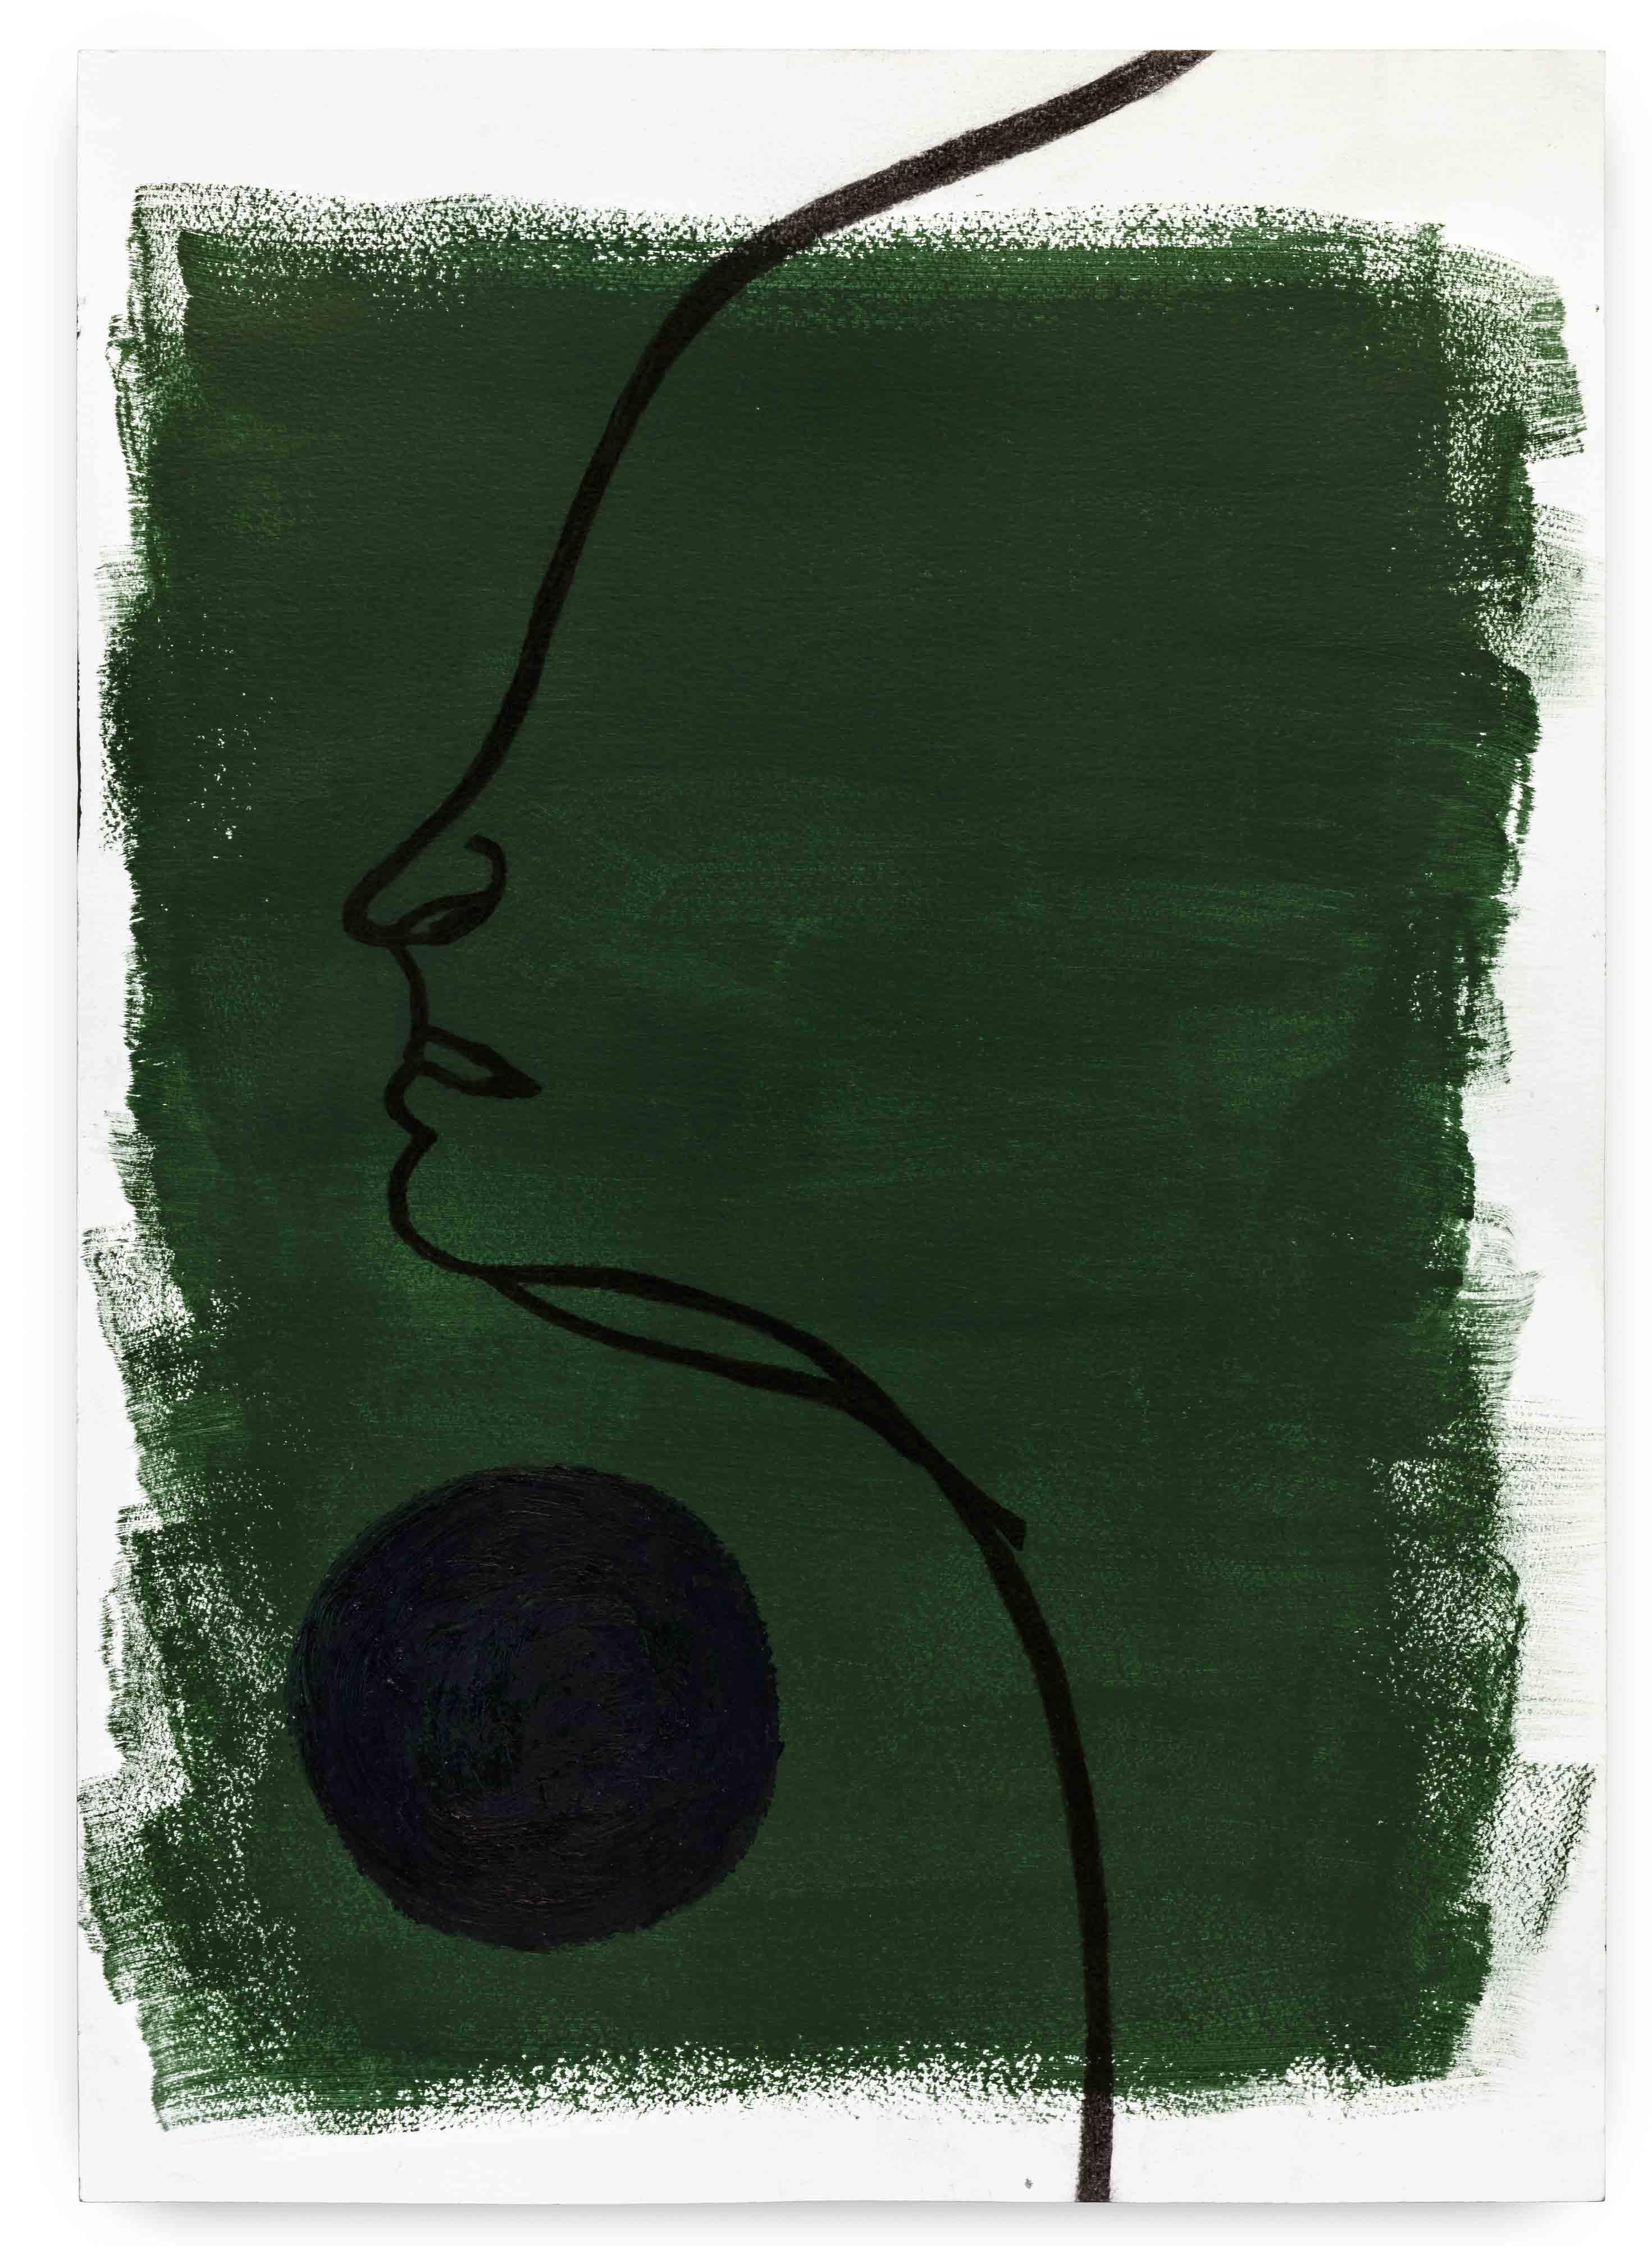 série: Seresbrasileiros seressureais Thania 2017 carvão e bastão a óleo sobre acrílica em papel 64,5 x 46,7 cm